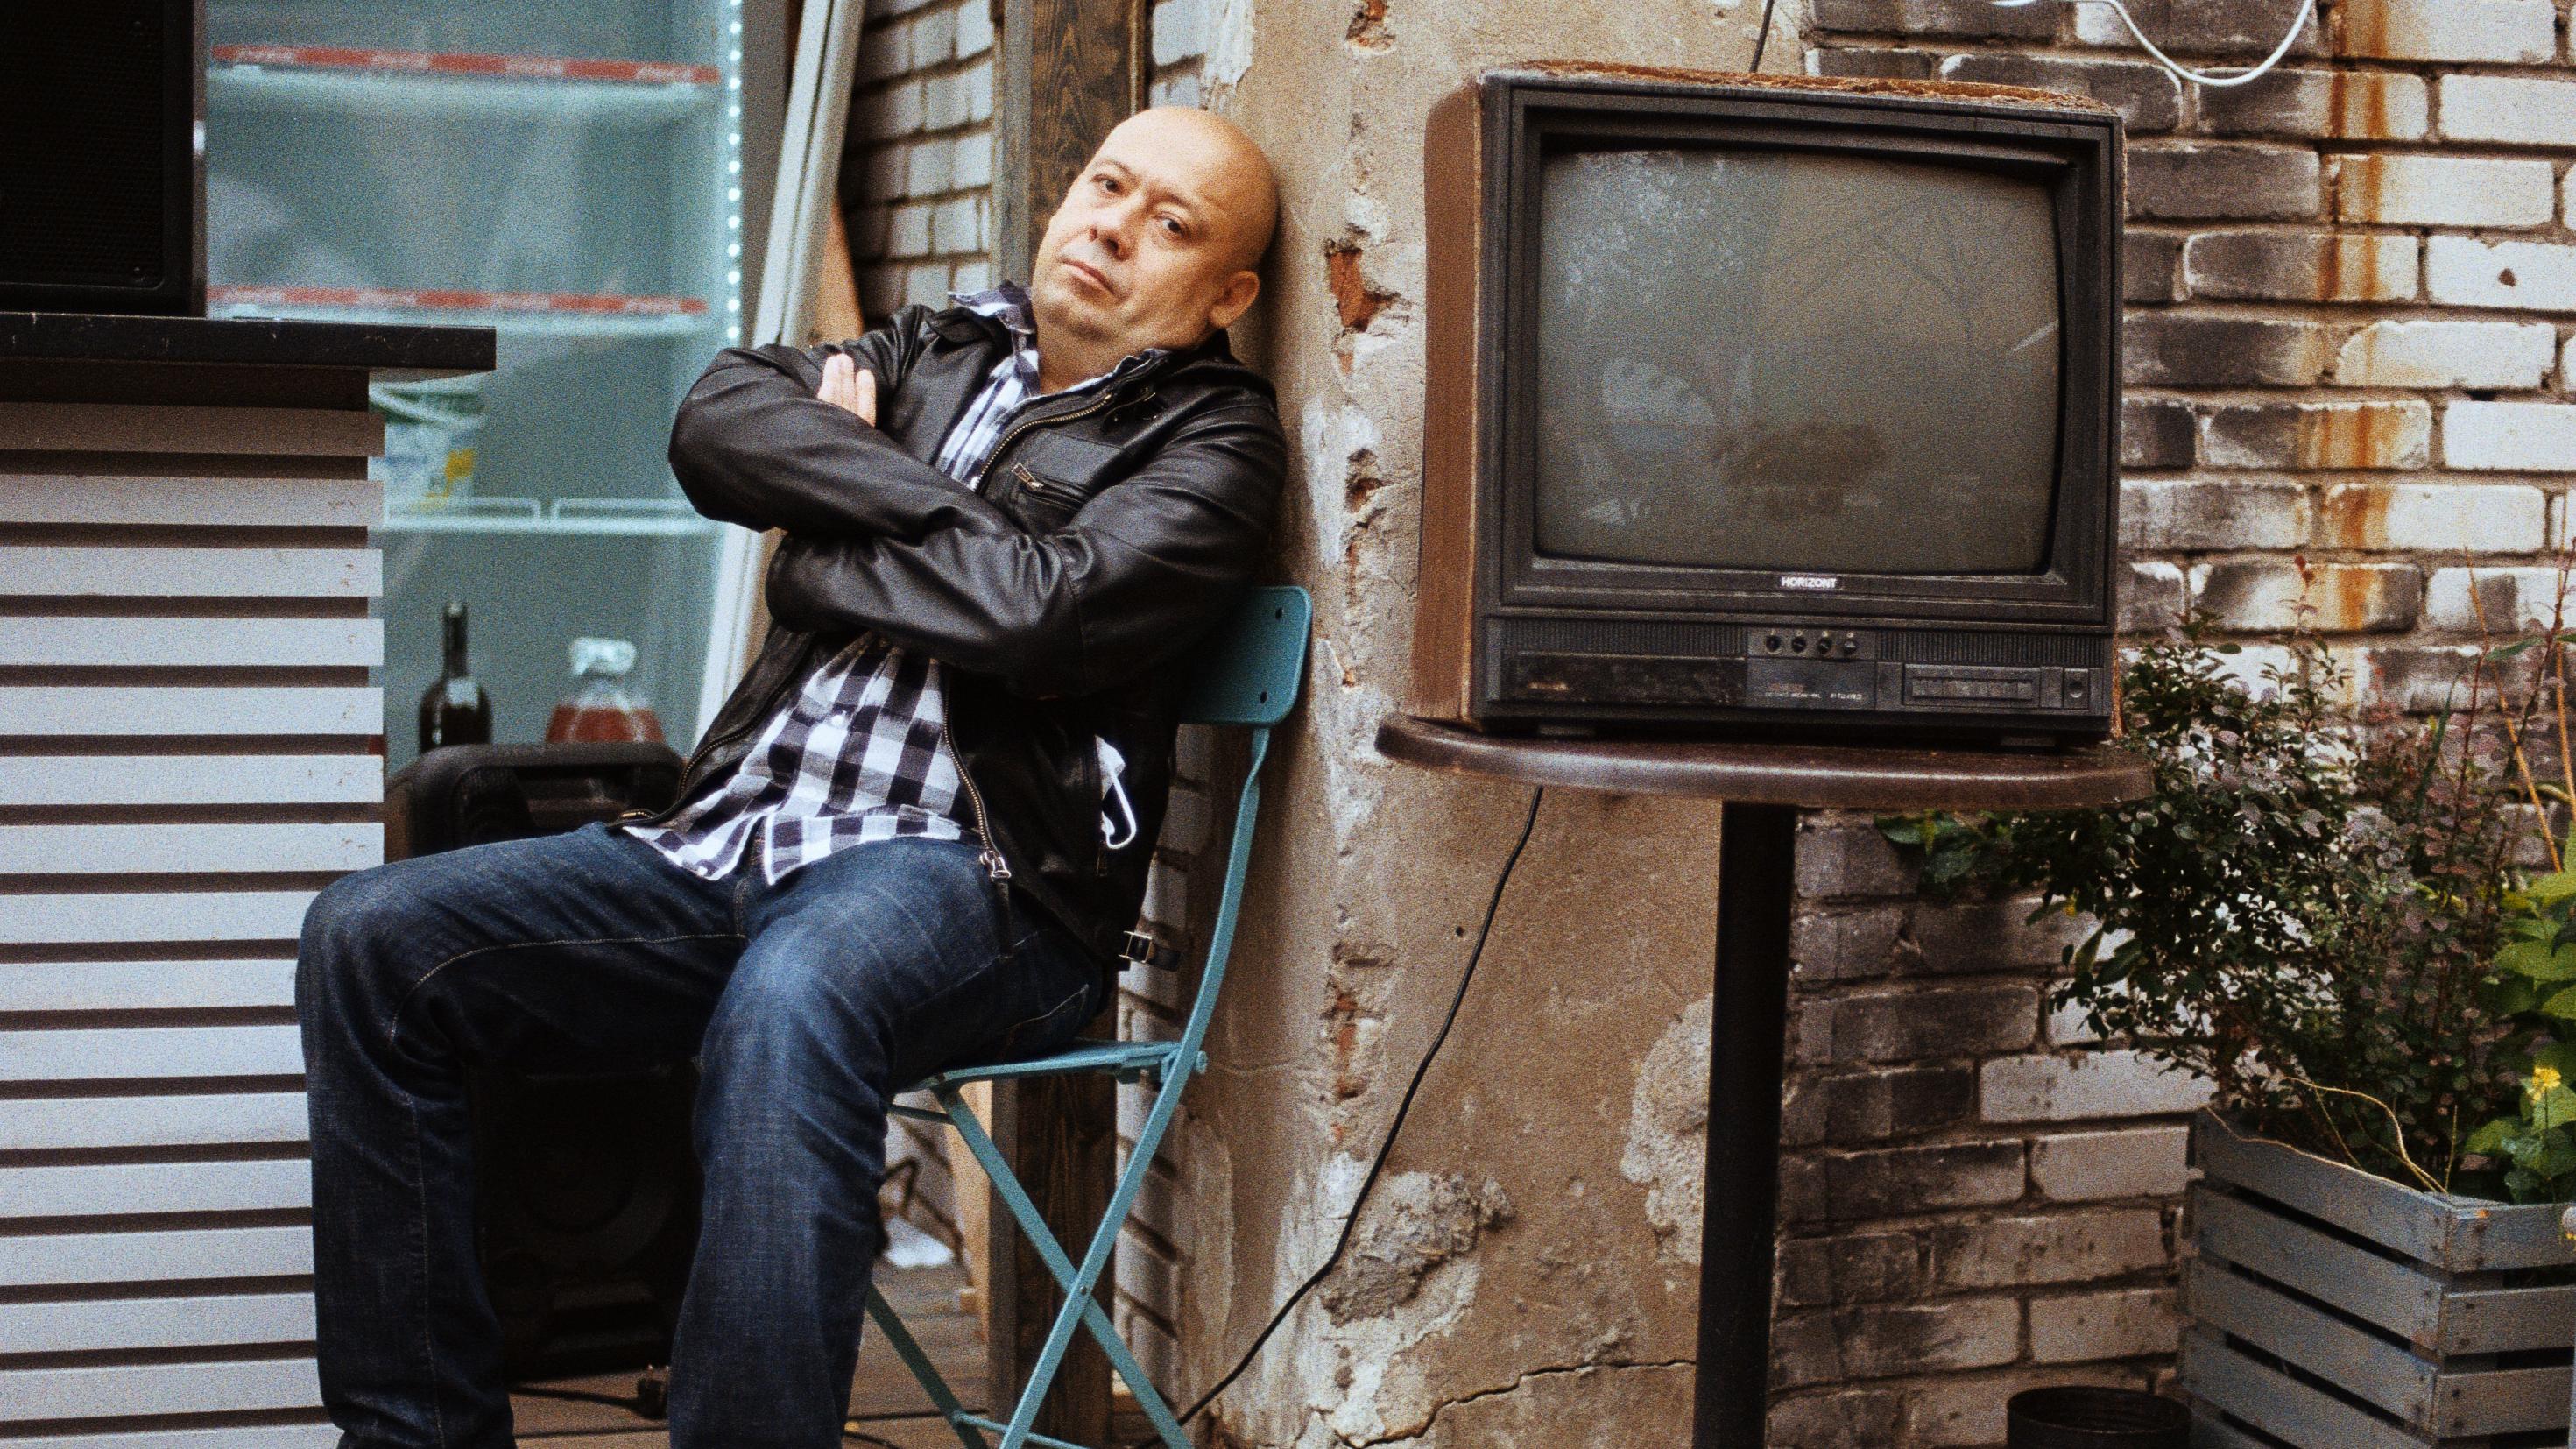 «В лозунги я не очень верю»: Алексей Герман-младший о фильме про домашний арест «Дело» и о молодежи